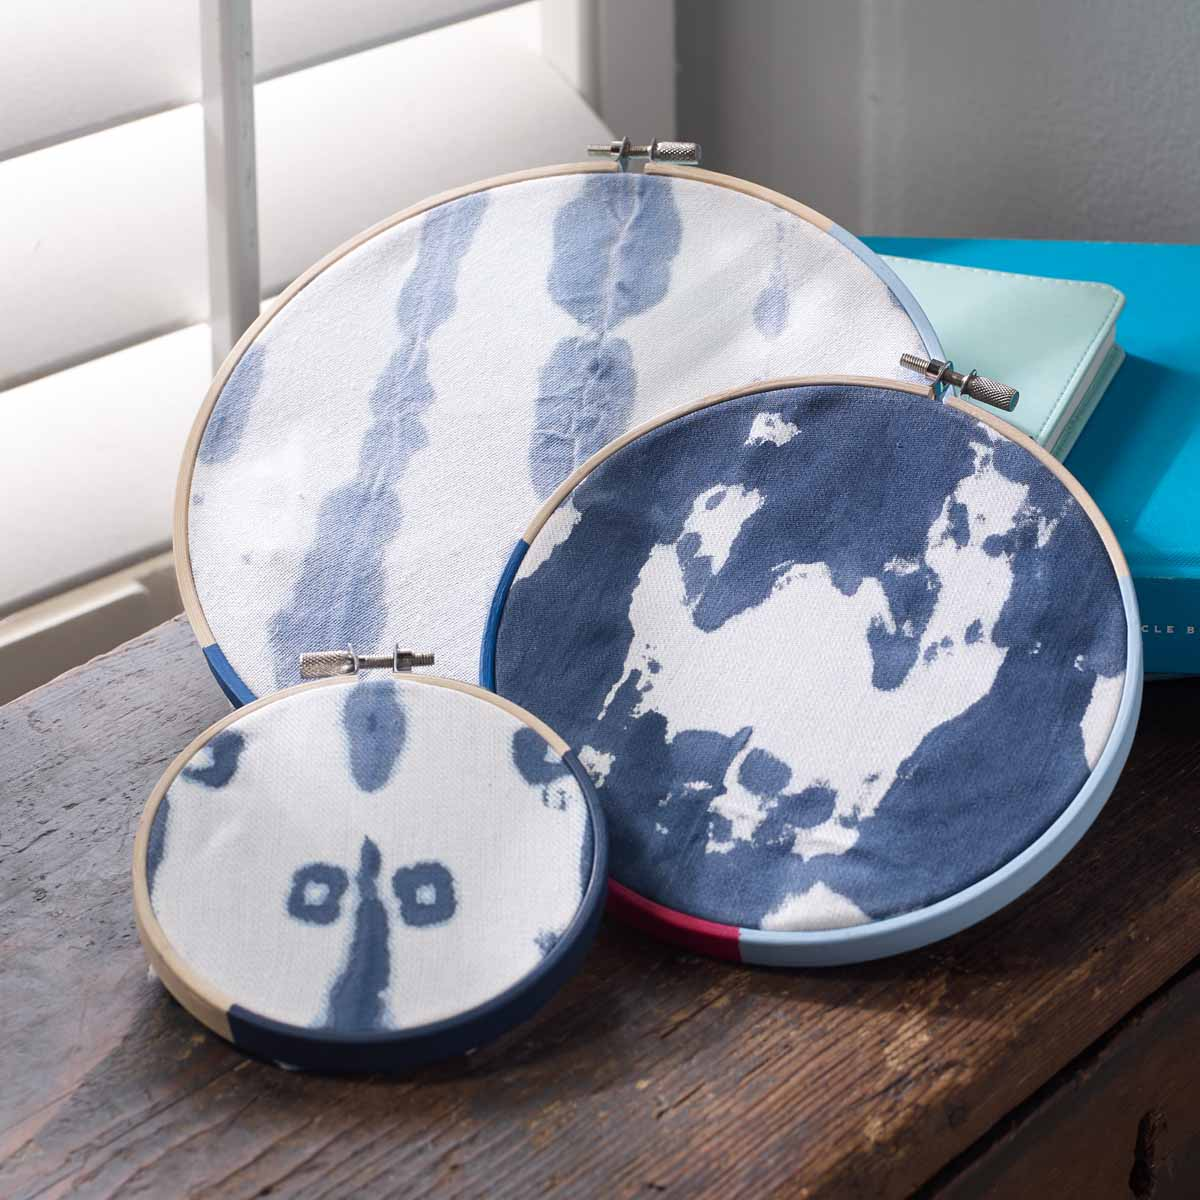 Shibori-Inspired DIY Decor